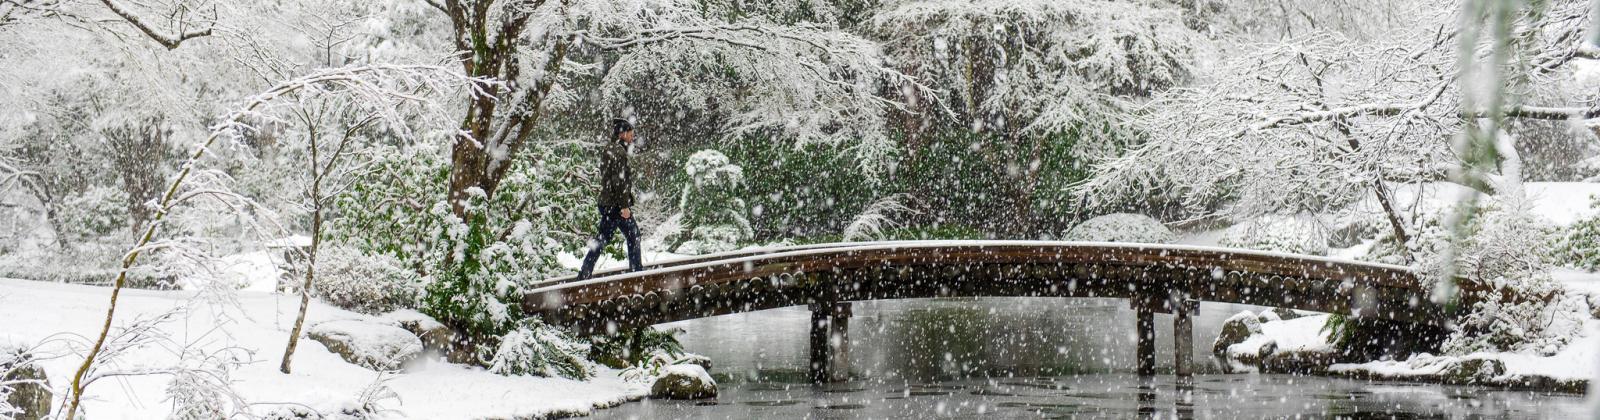 Nitobe Memorial Garden on a snowy day